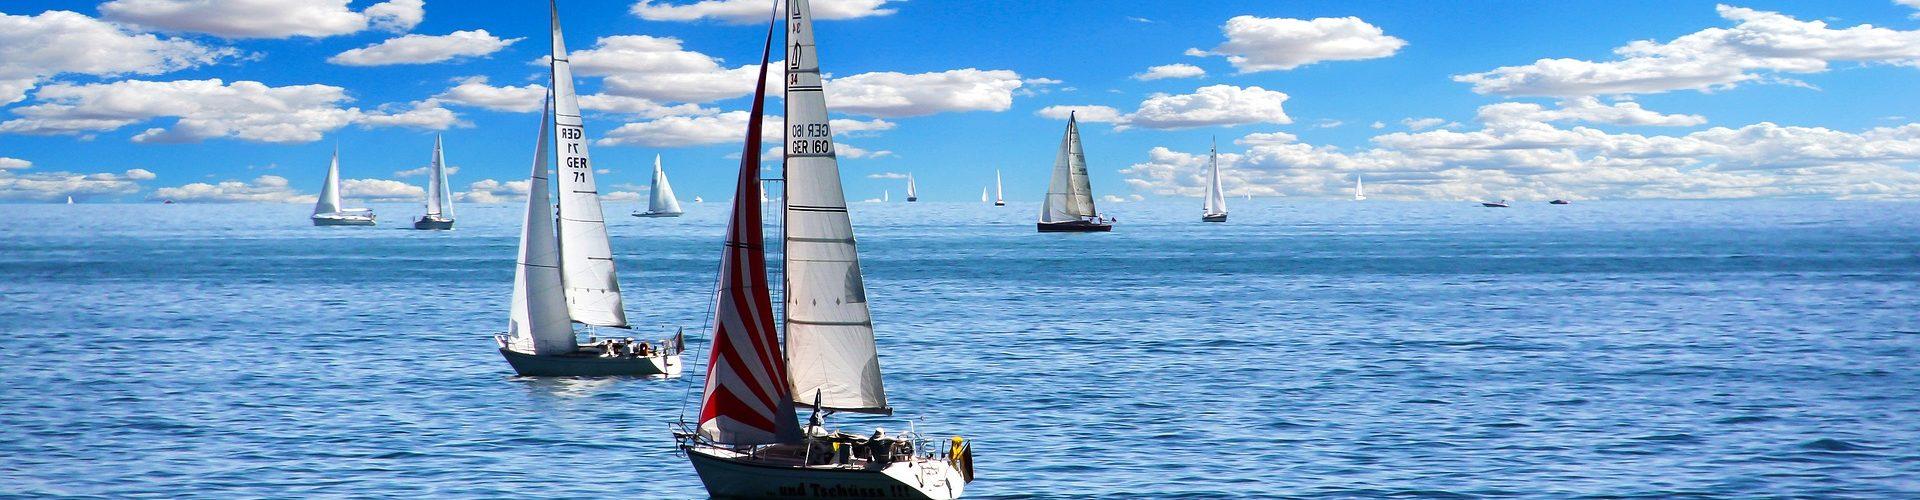 segeln lernen in Rinteln Schaumburg segelschein machen in Rinteln Schaumburg 1920x500 - Segeln lernen in Rinteln Schaumburg